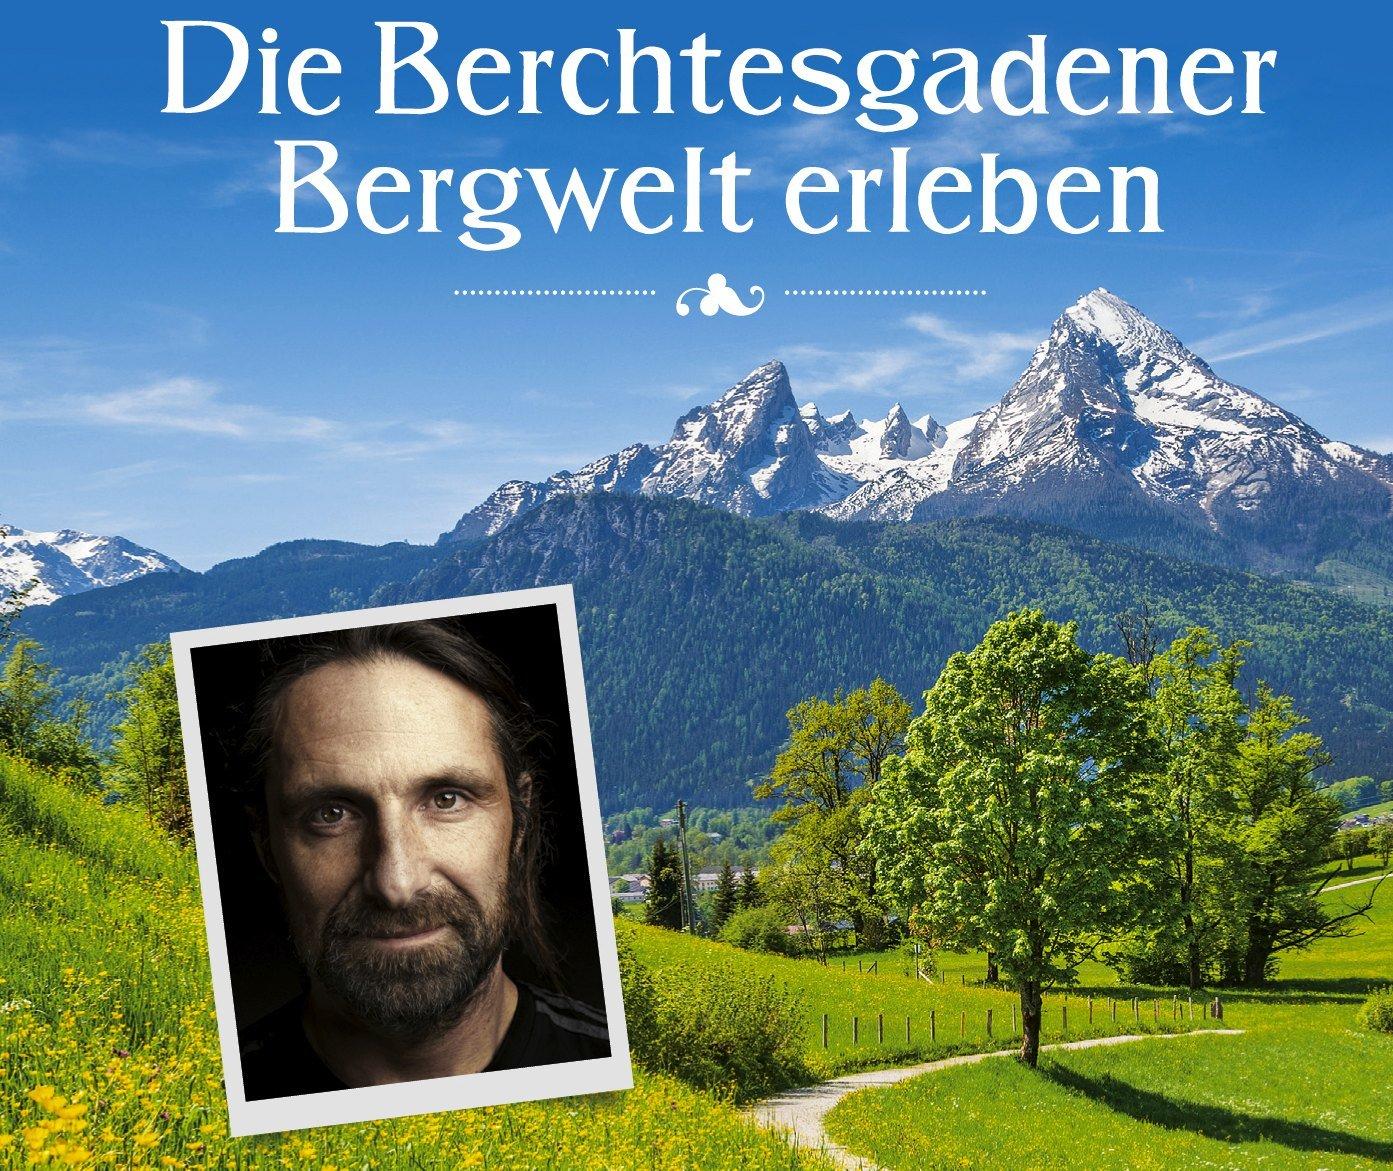 Buchtipp – Servus Verlag: Wandern mit den Huberbuam – 27 Touren in den Berchtesgadener Alpen